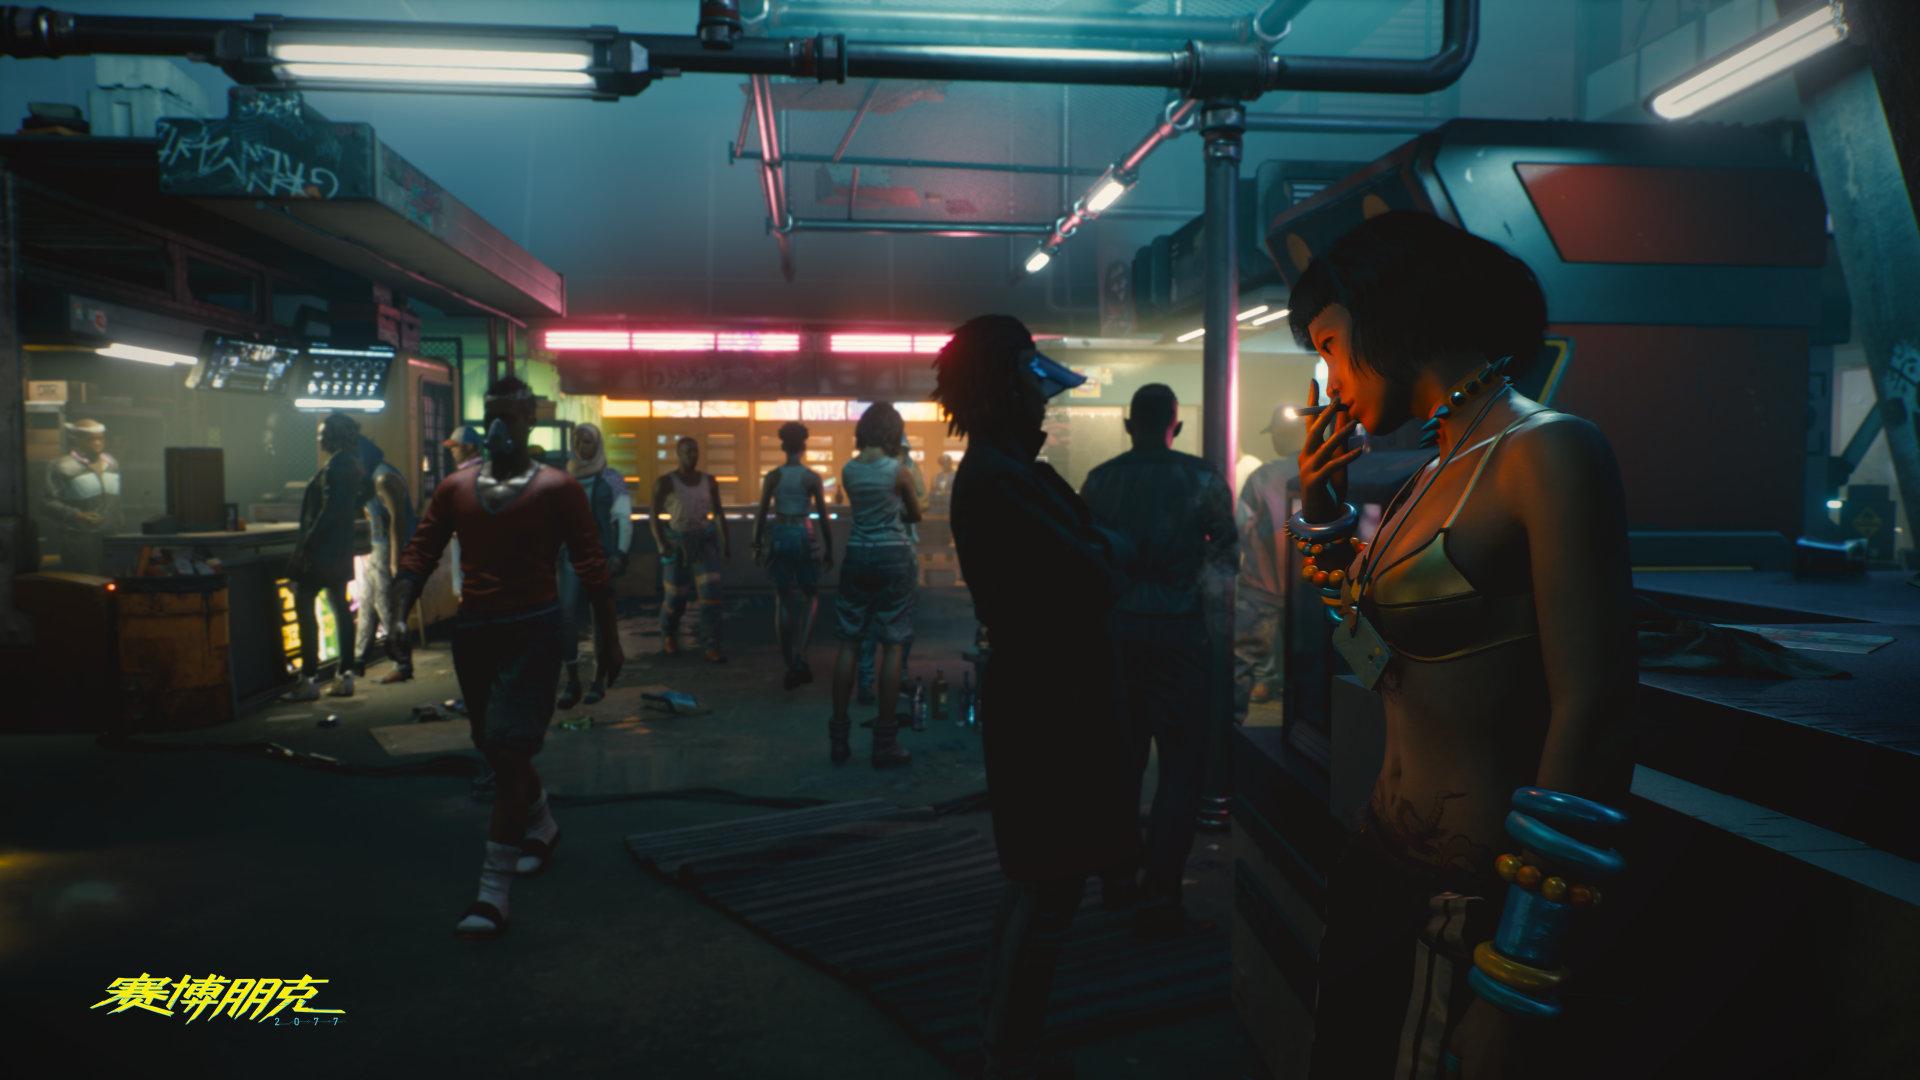 《赛博朋克2077》多人模式细节 依旧遵循游戏世界观